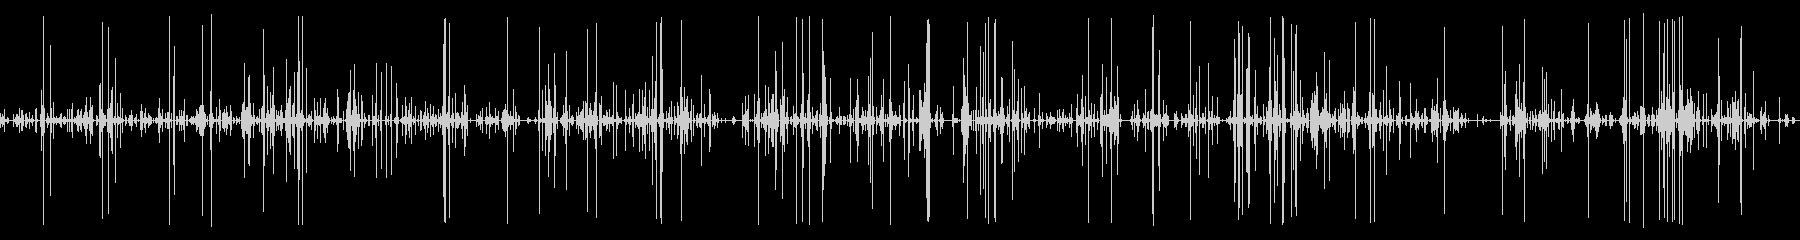 猫がキャットフードを食べてる音01の未再生の波形